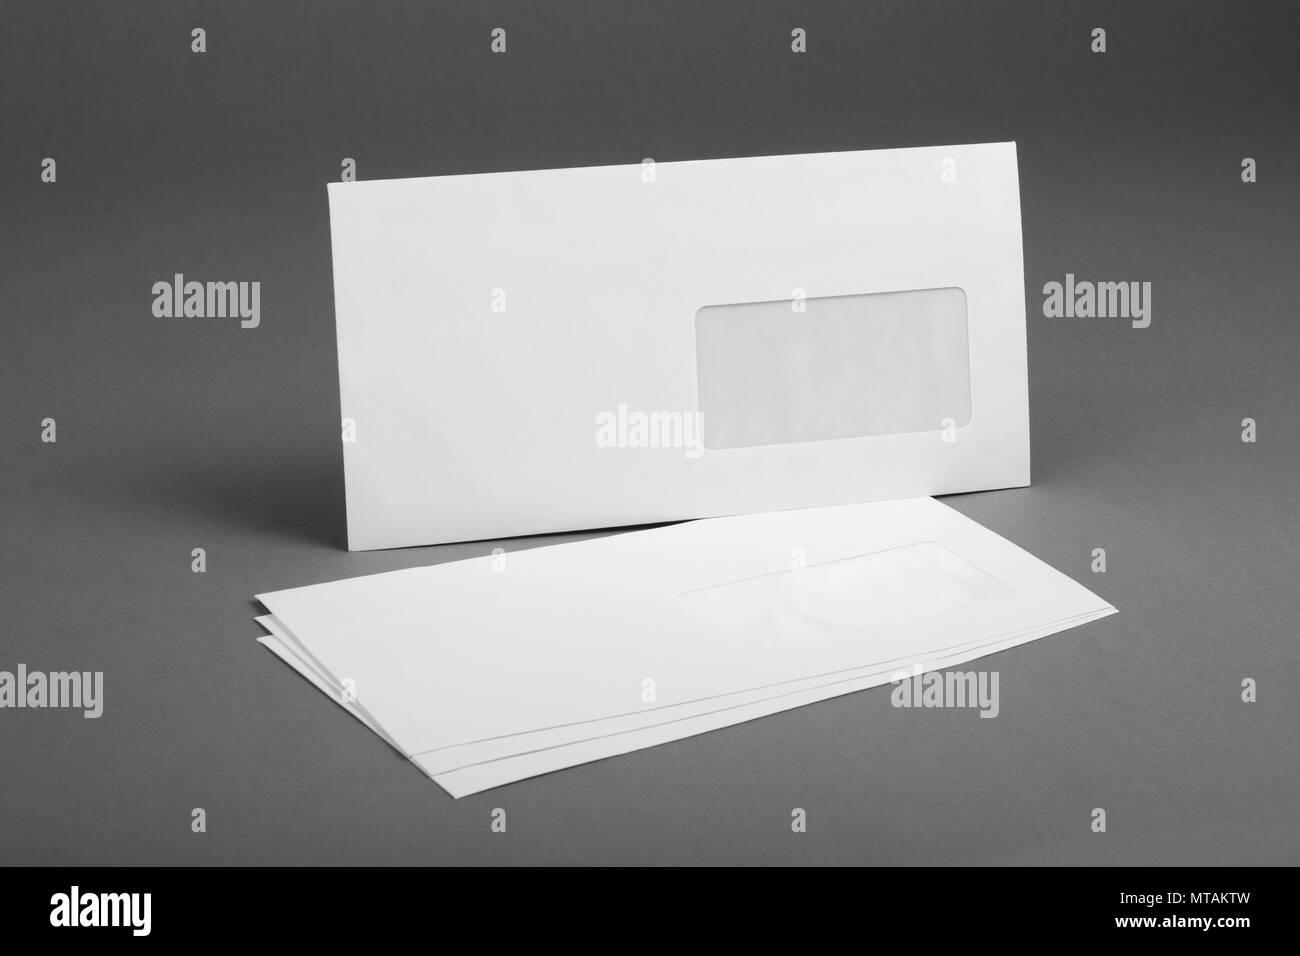 Weißer Umschlag Mit Fenster Adresse Auf Grauem Hintergrund Stockfoto